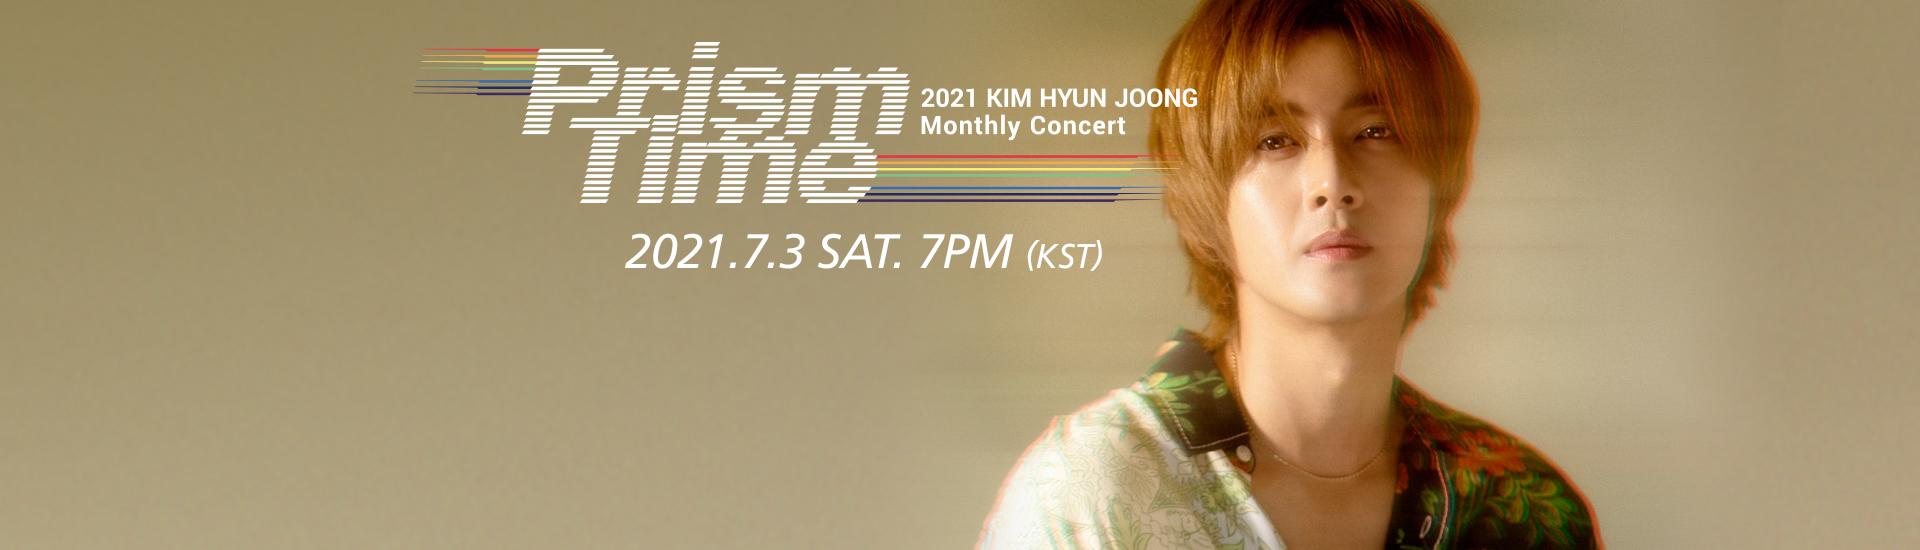 Kim Hyun Joong - KIM HYUN JOONG Monthly Concert 'Prism Time' [Yellow]